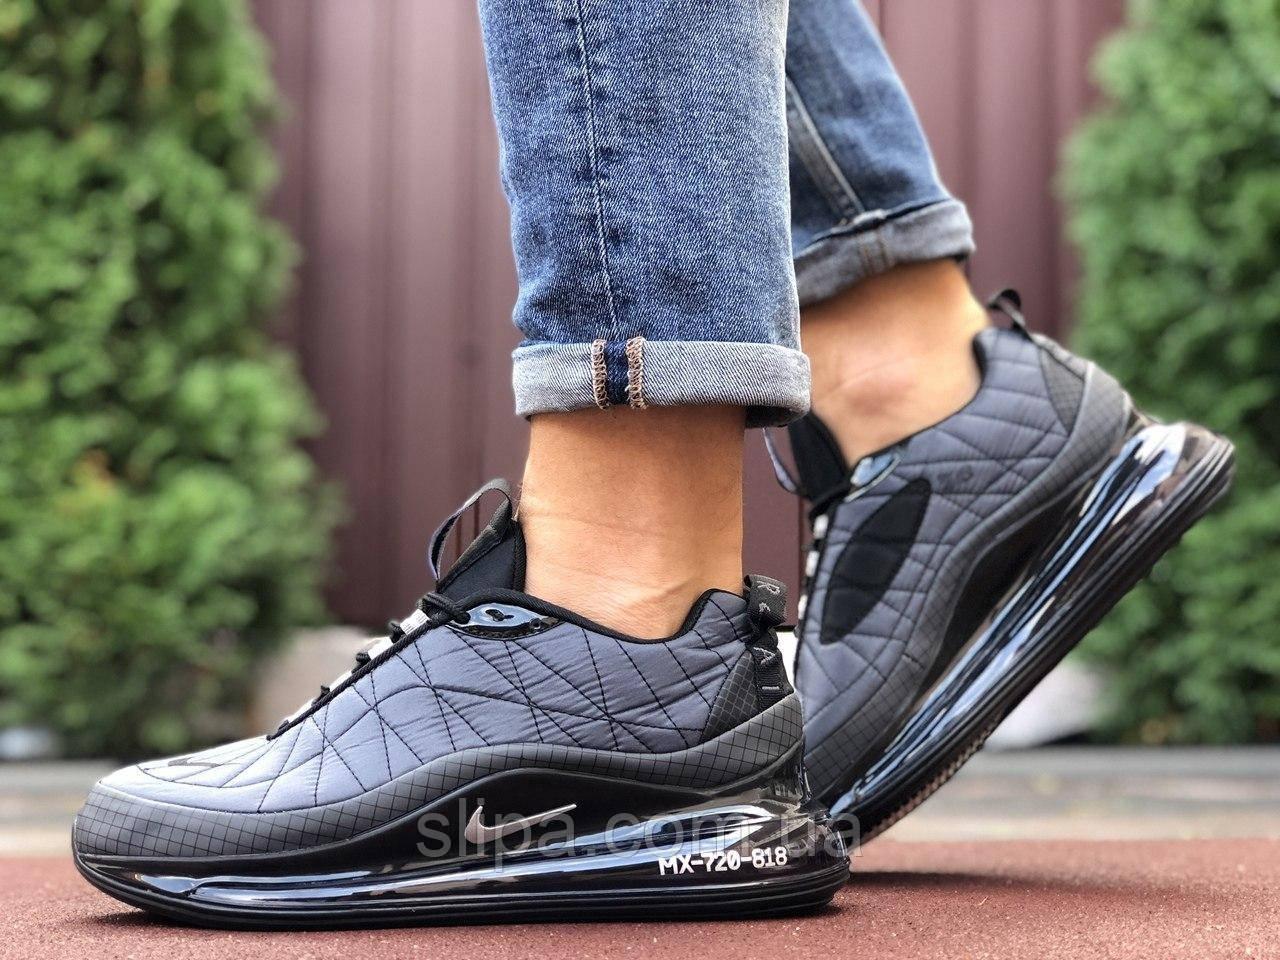 Чоловічі кросівки Nike Air Max 720 сірі (термо)